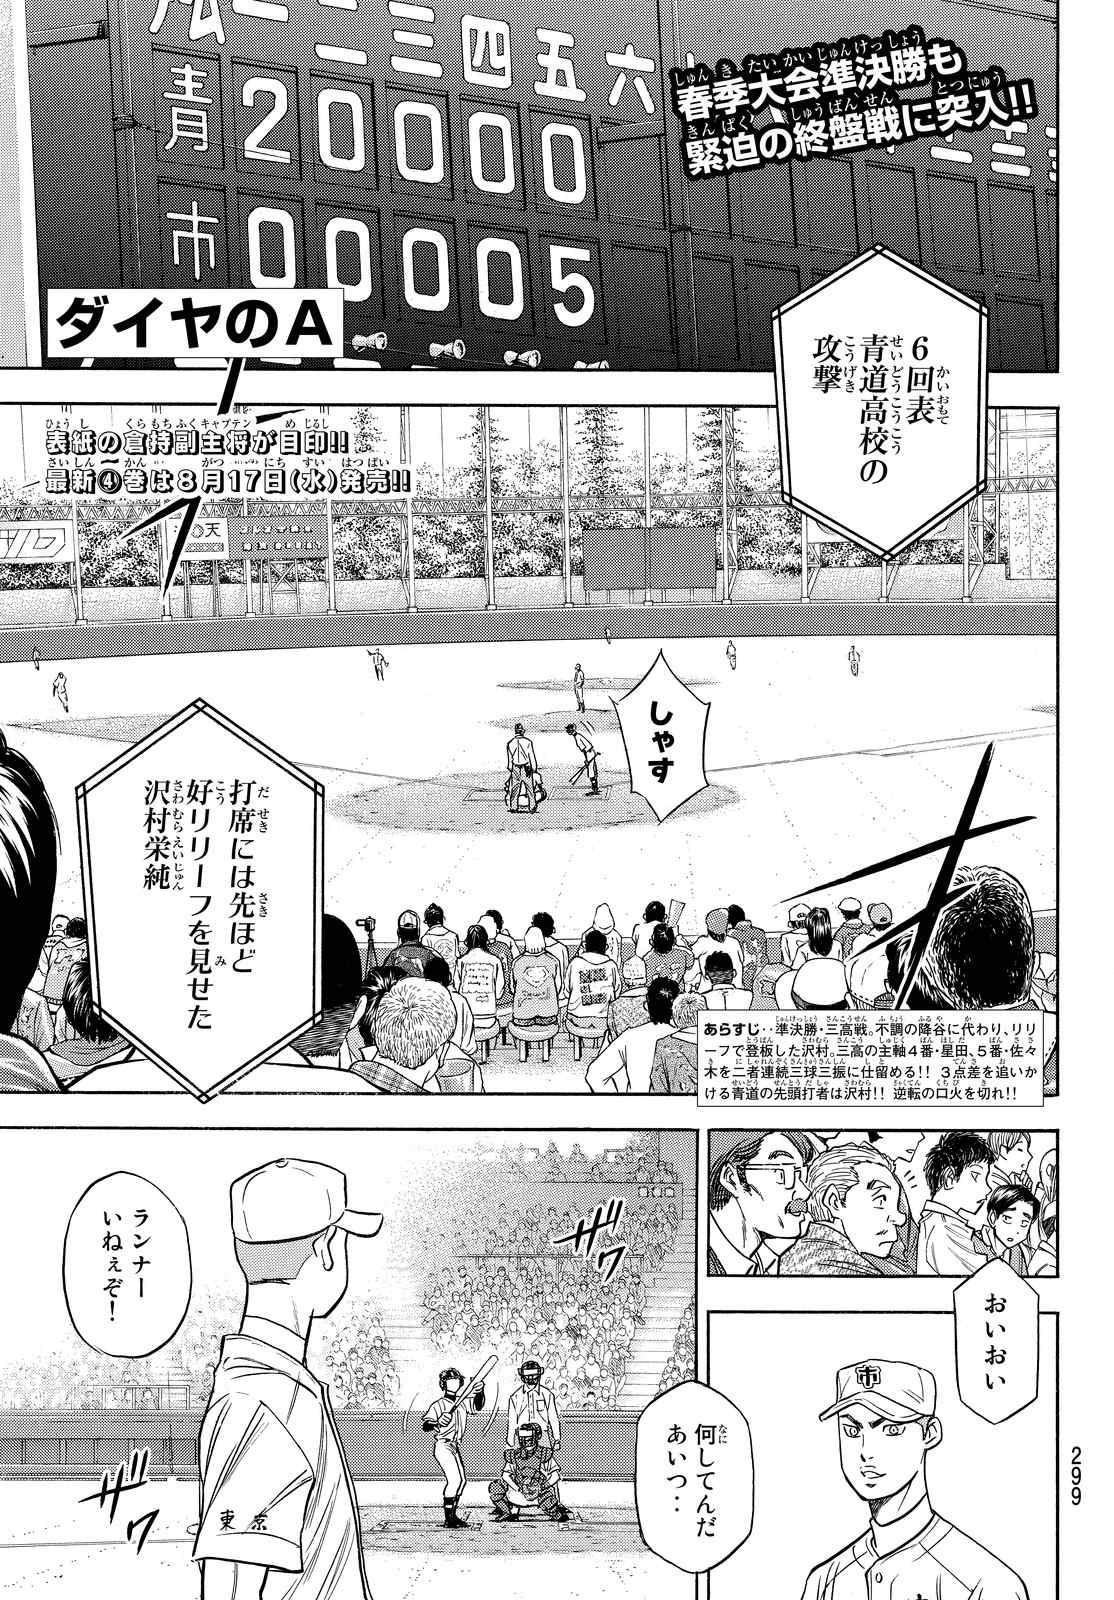 Daiya no A Act II - Chapter 044 - Page 1